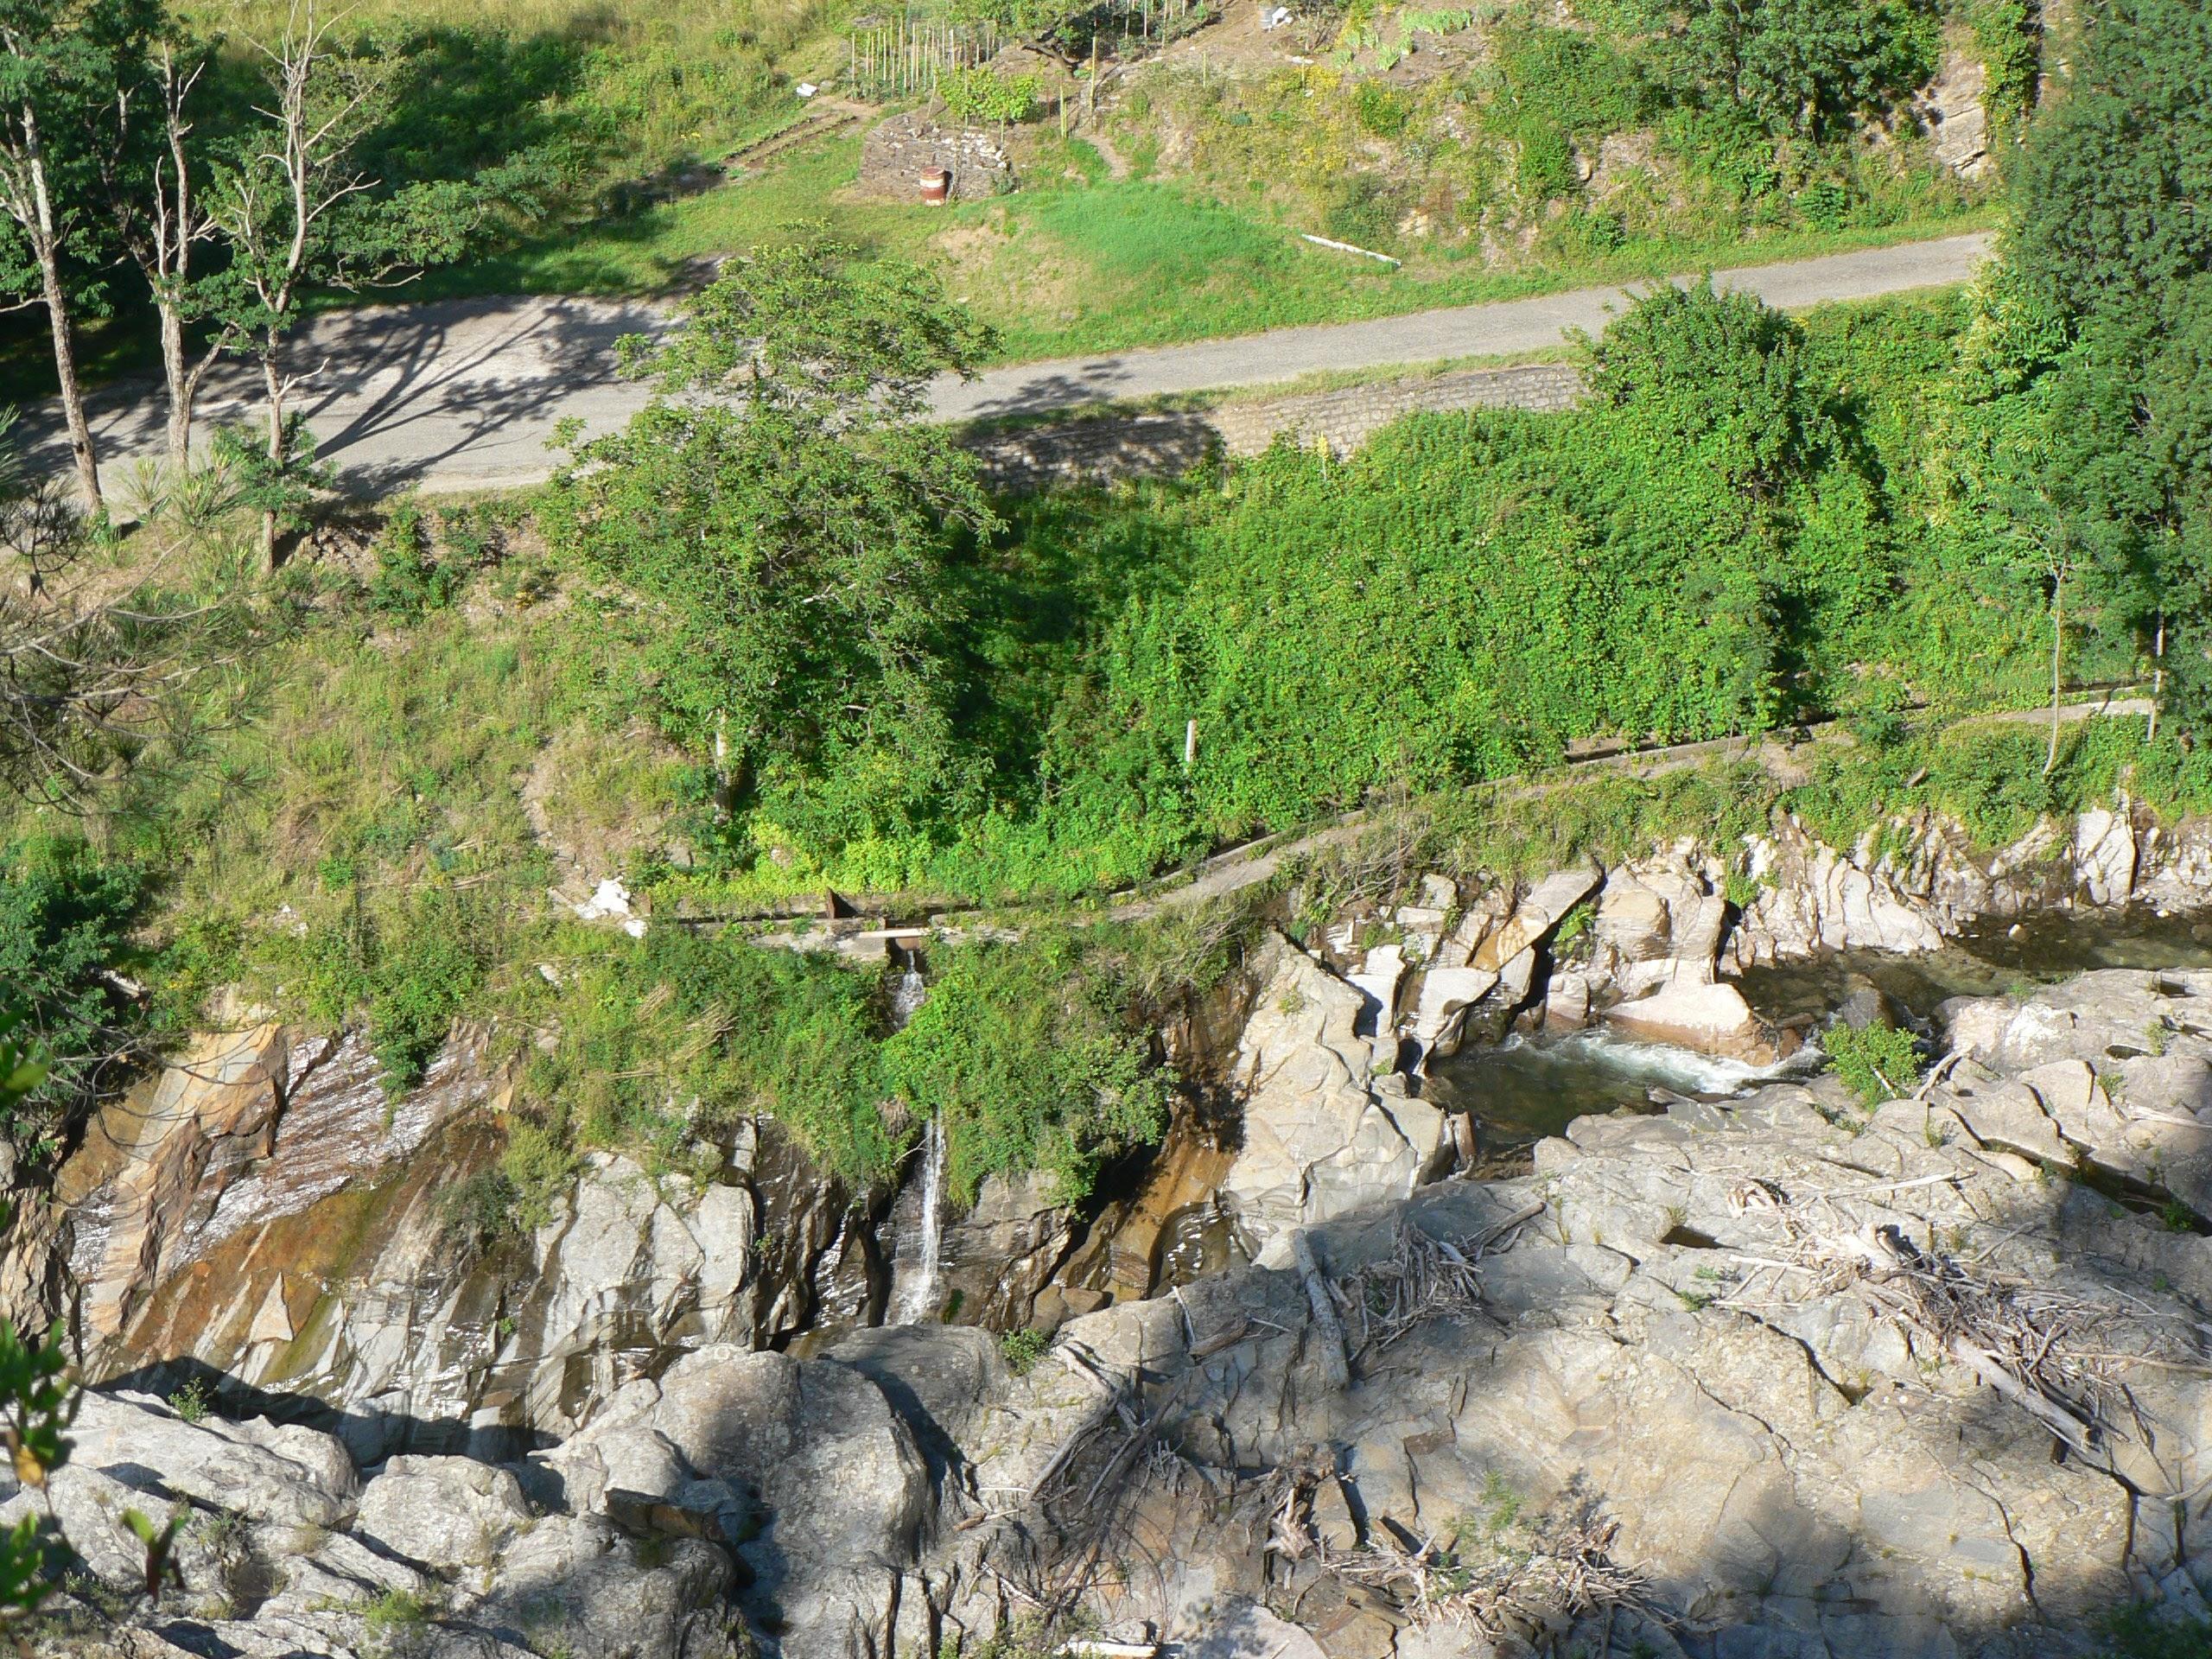 tourrel béal vu de l_autre rive.jpg